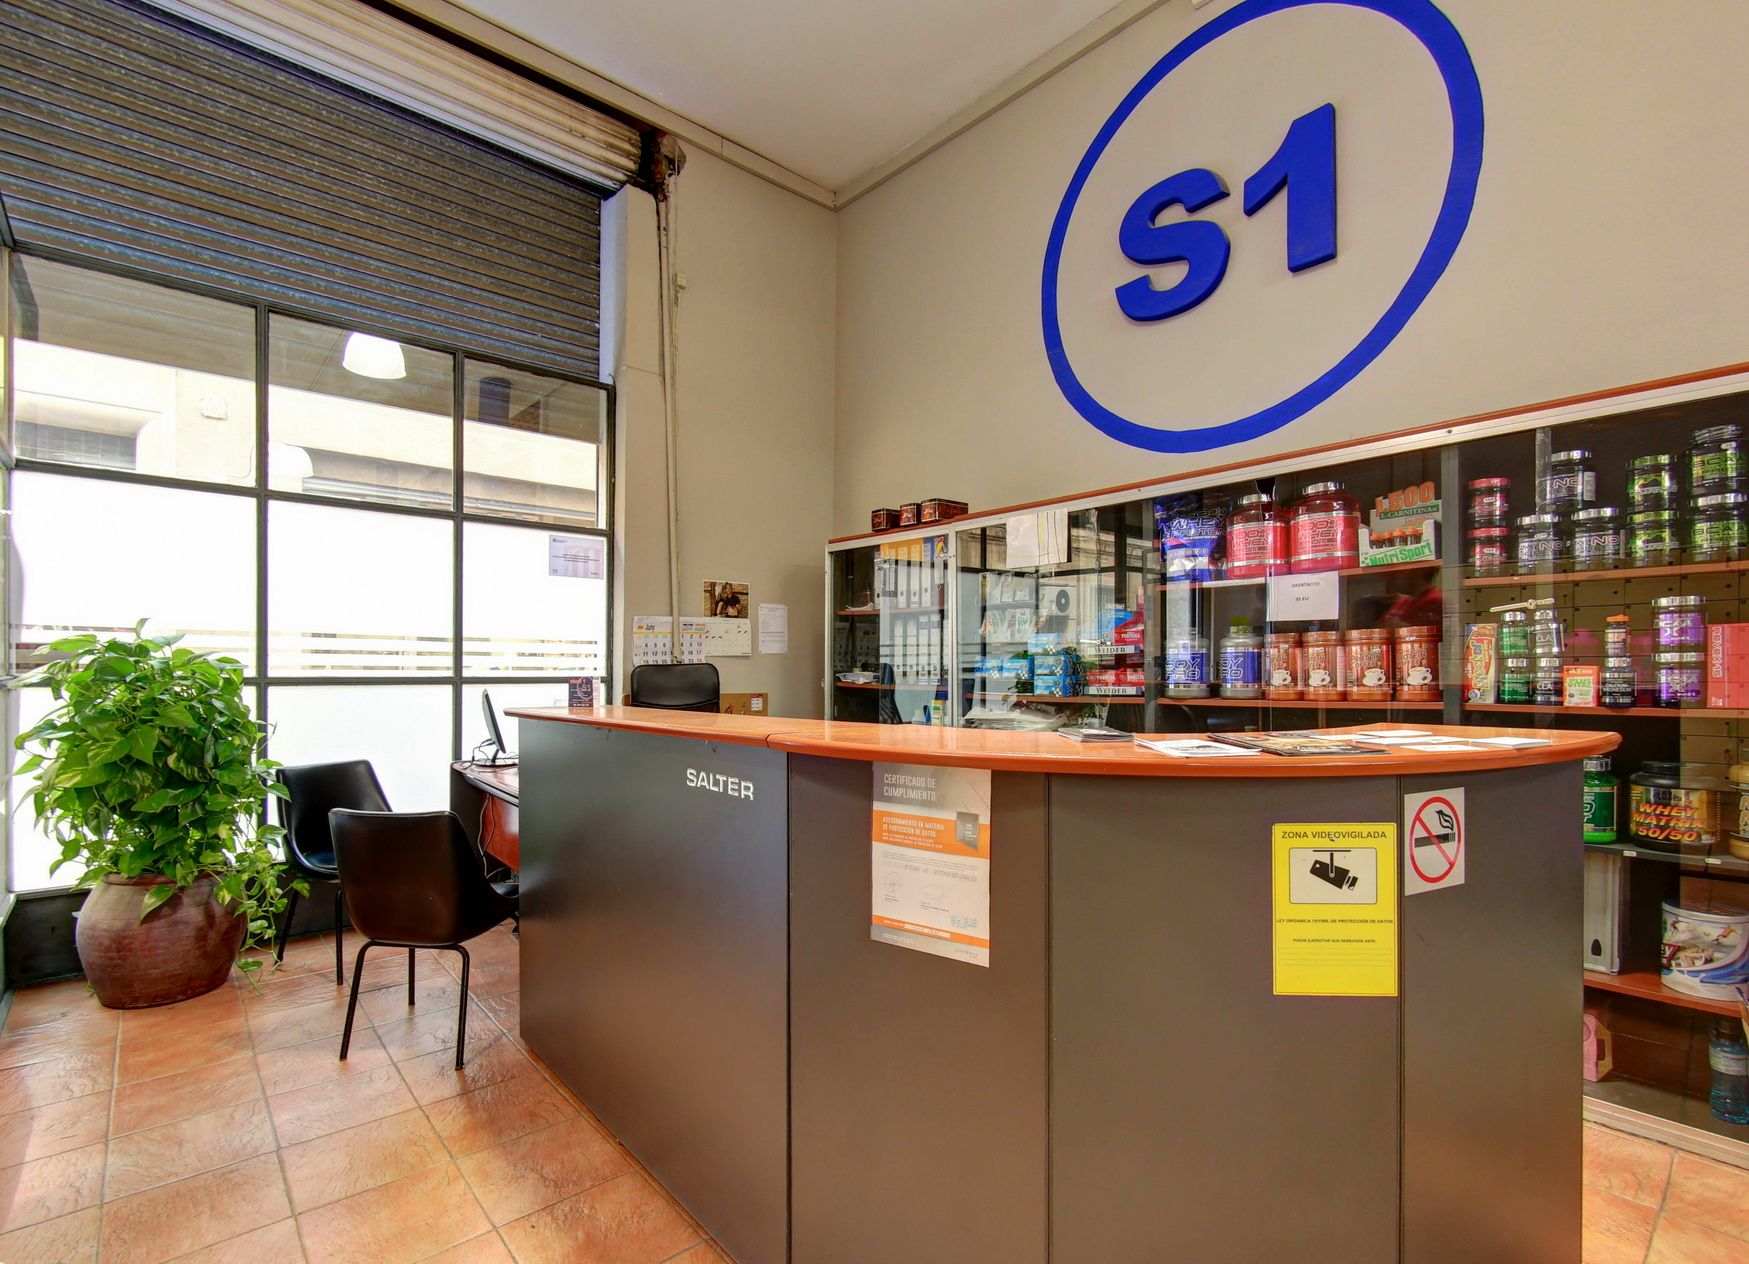 Venta de complementos nutricionales en Reus